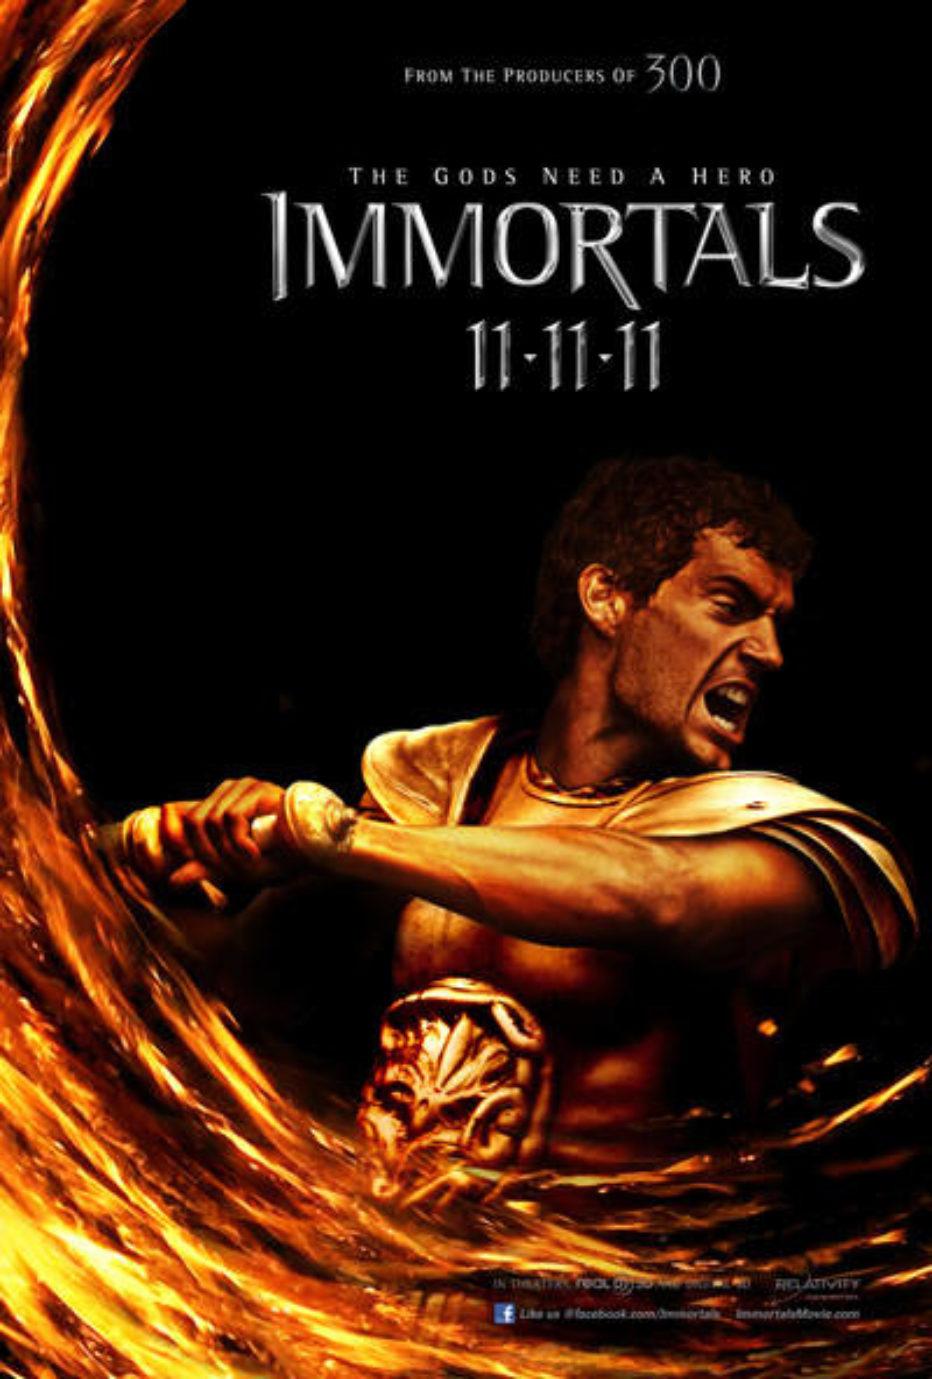 Tweets del día: Inmortals, Melancolía y sets de rodaje